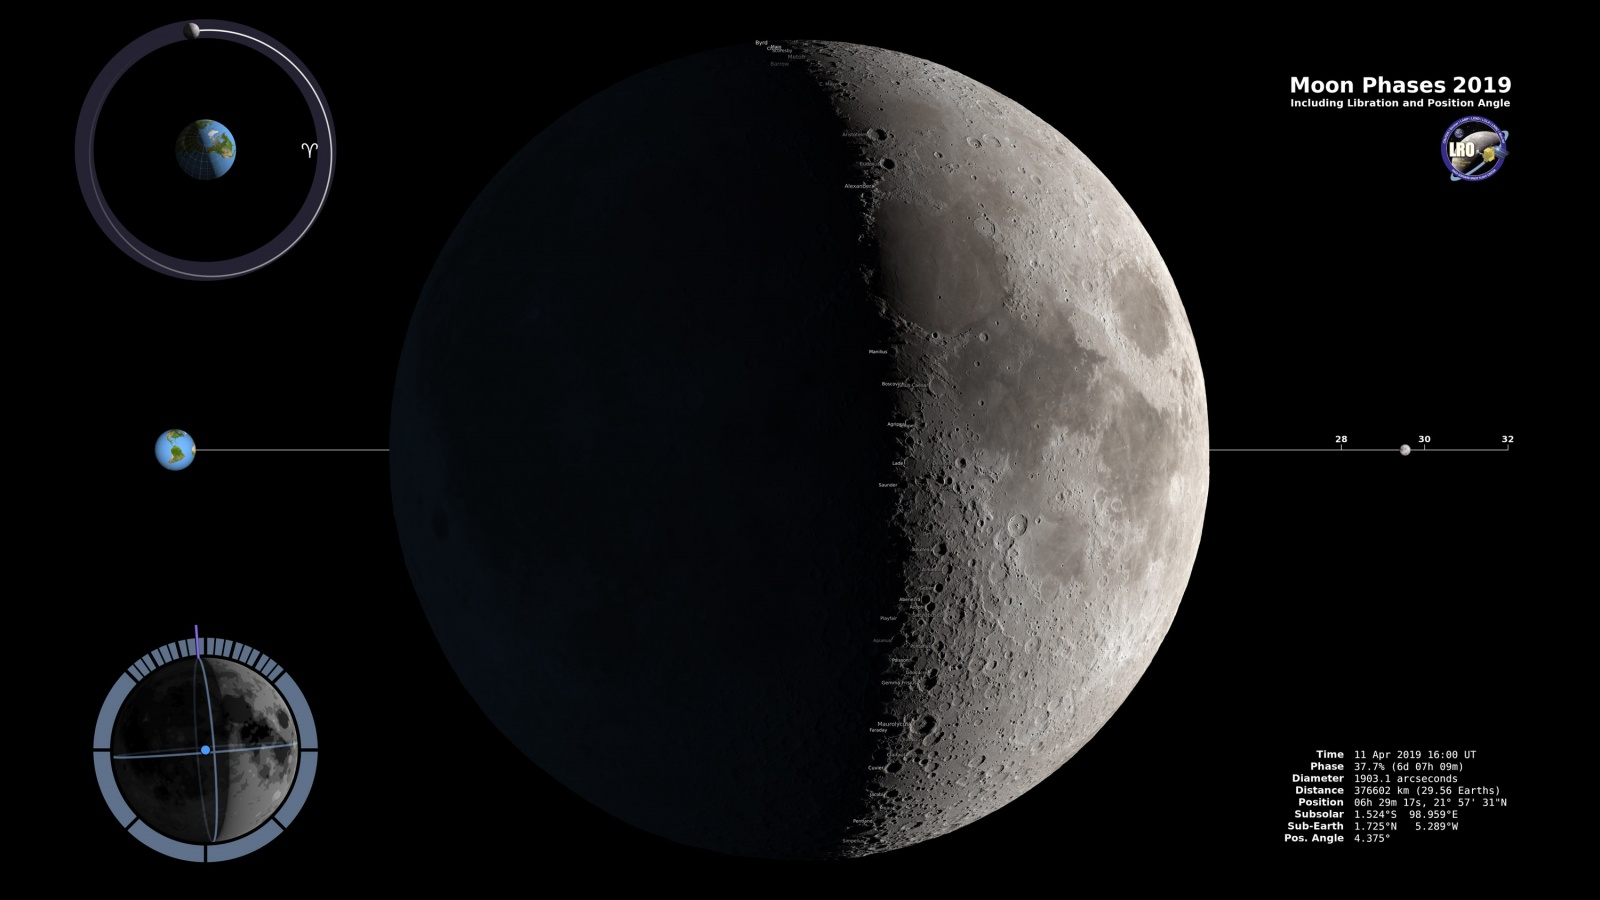 Лунная миссия «Берешит» — четвертый маневр завершен успешно, идет подготовка к выходу на Лунную орбиту - 18